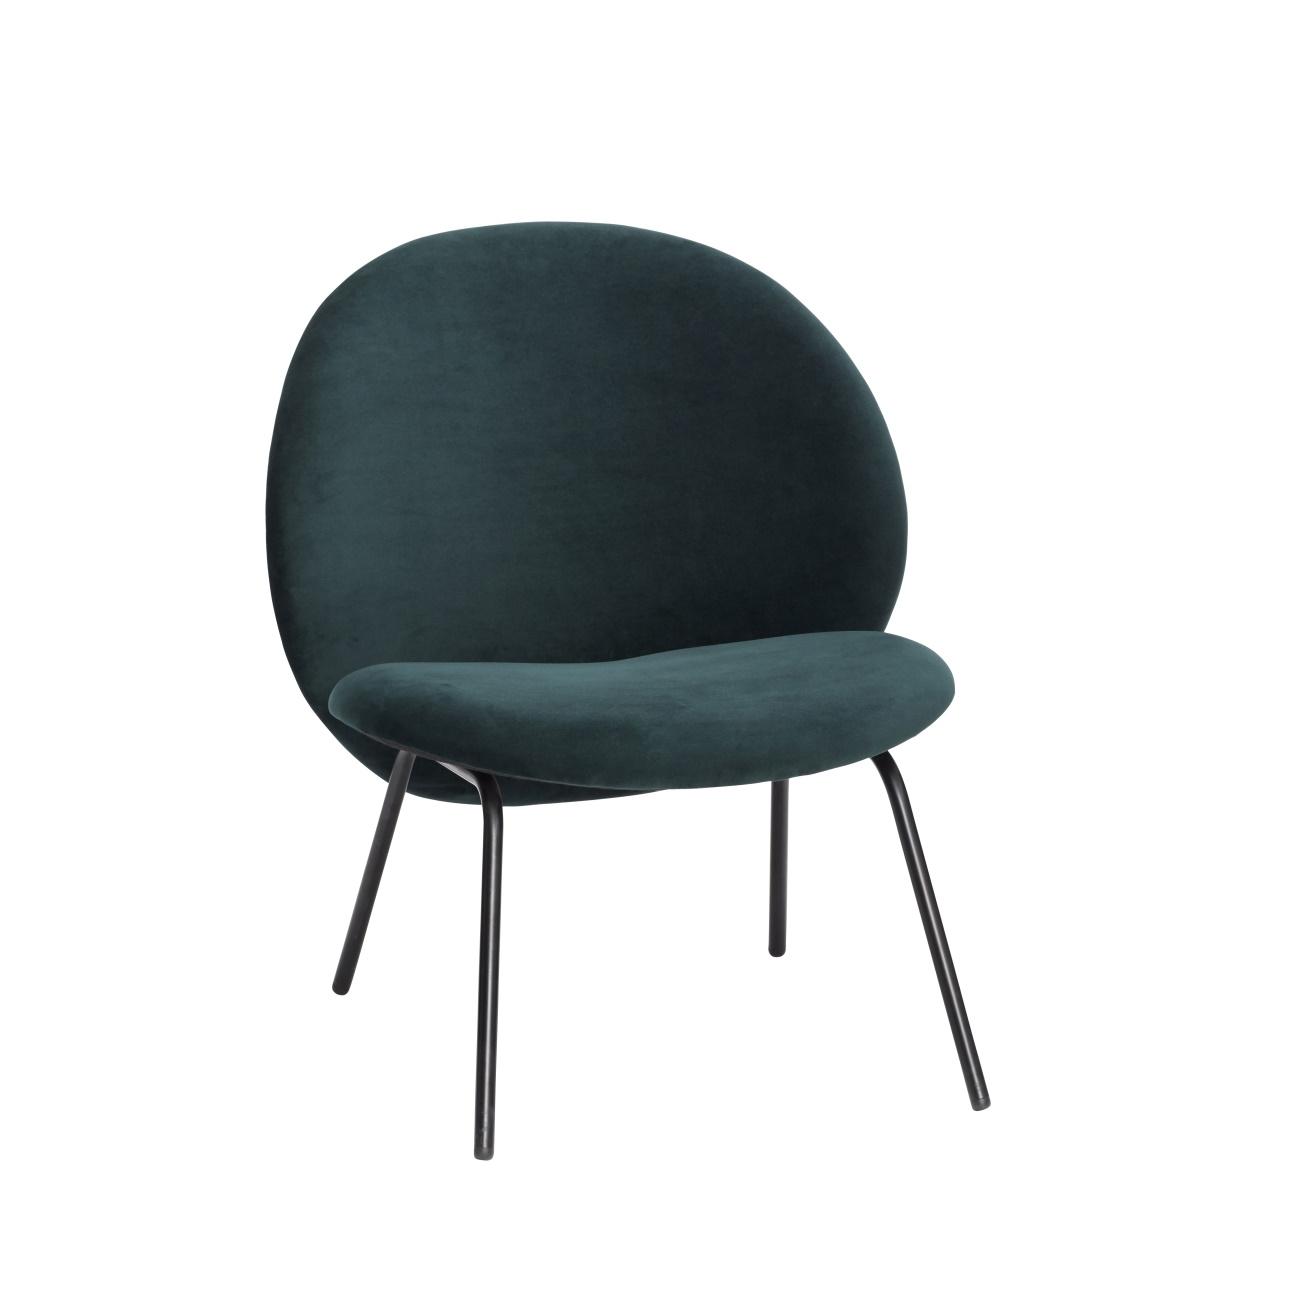 Lounge stol Boule grön sammet, Hubsch